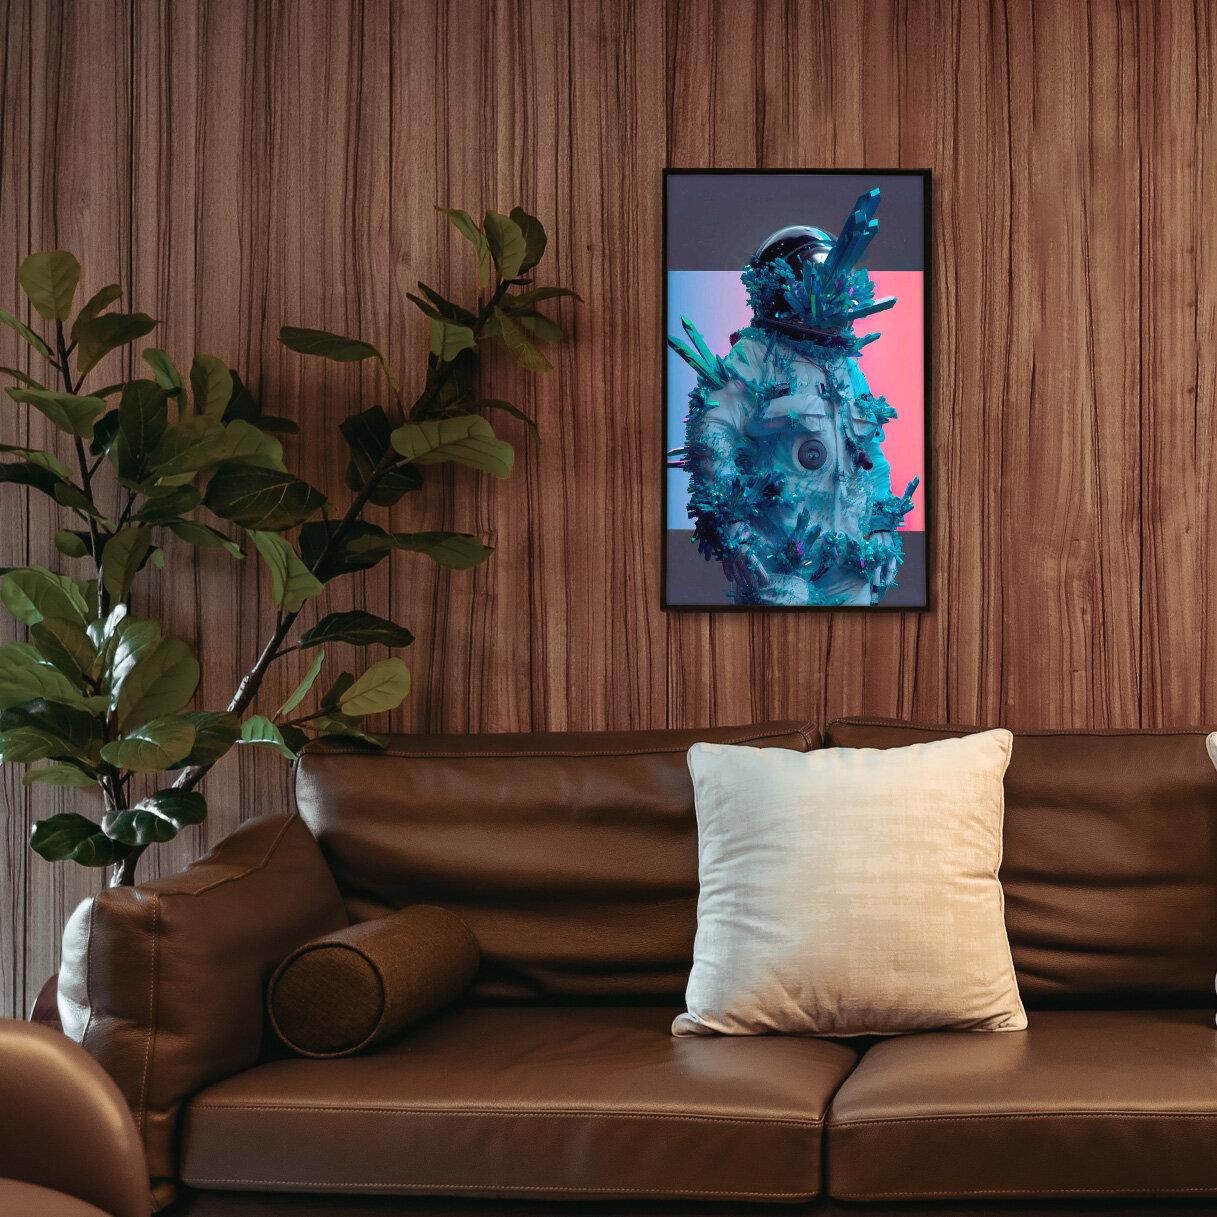 A Qonos frame above a sofa